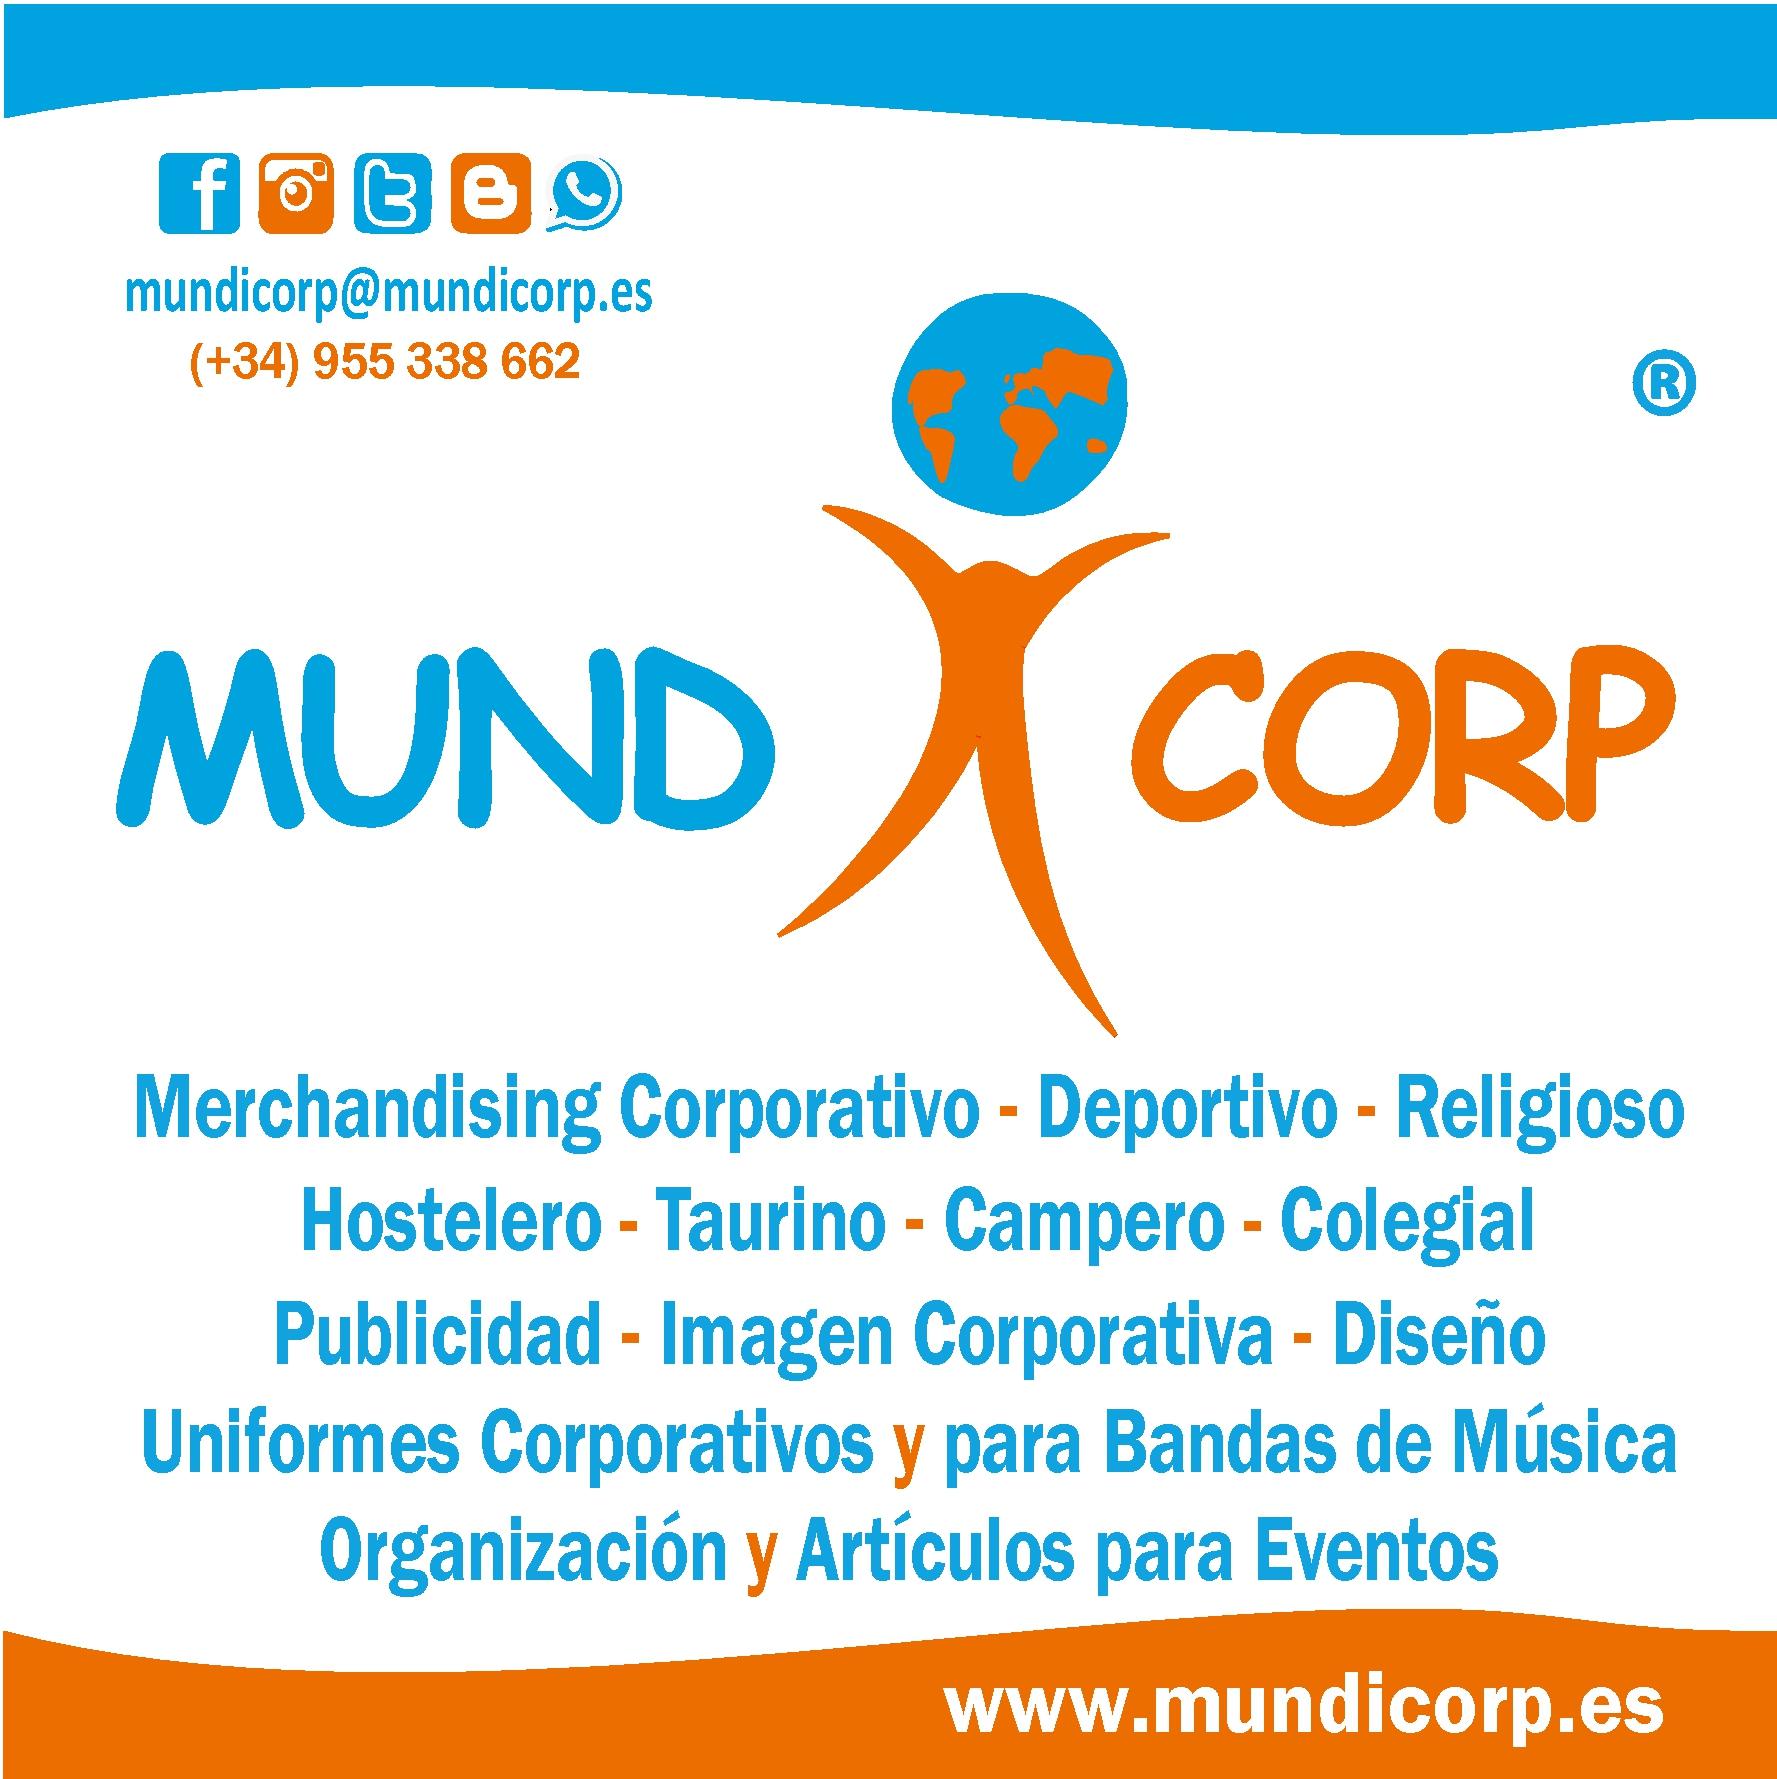 MUNDICORP